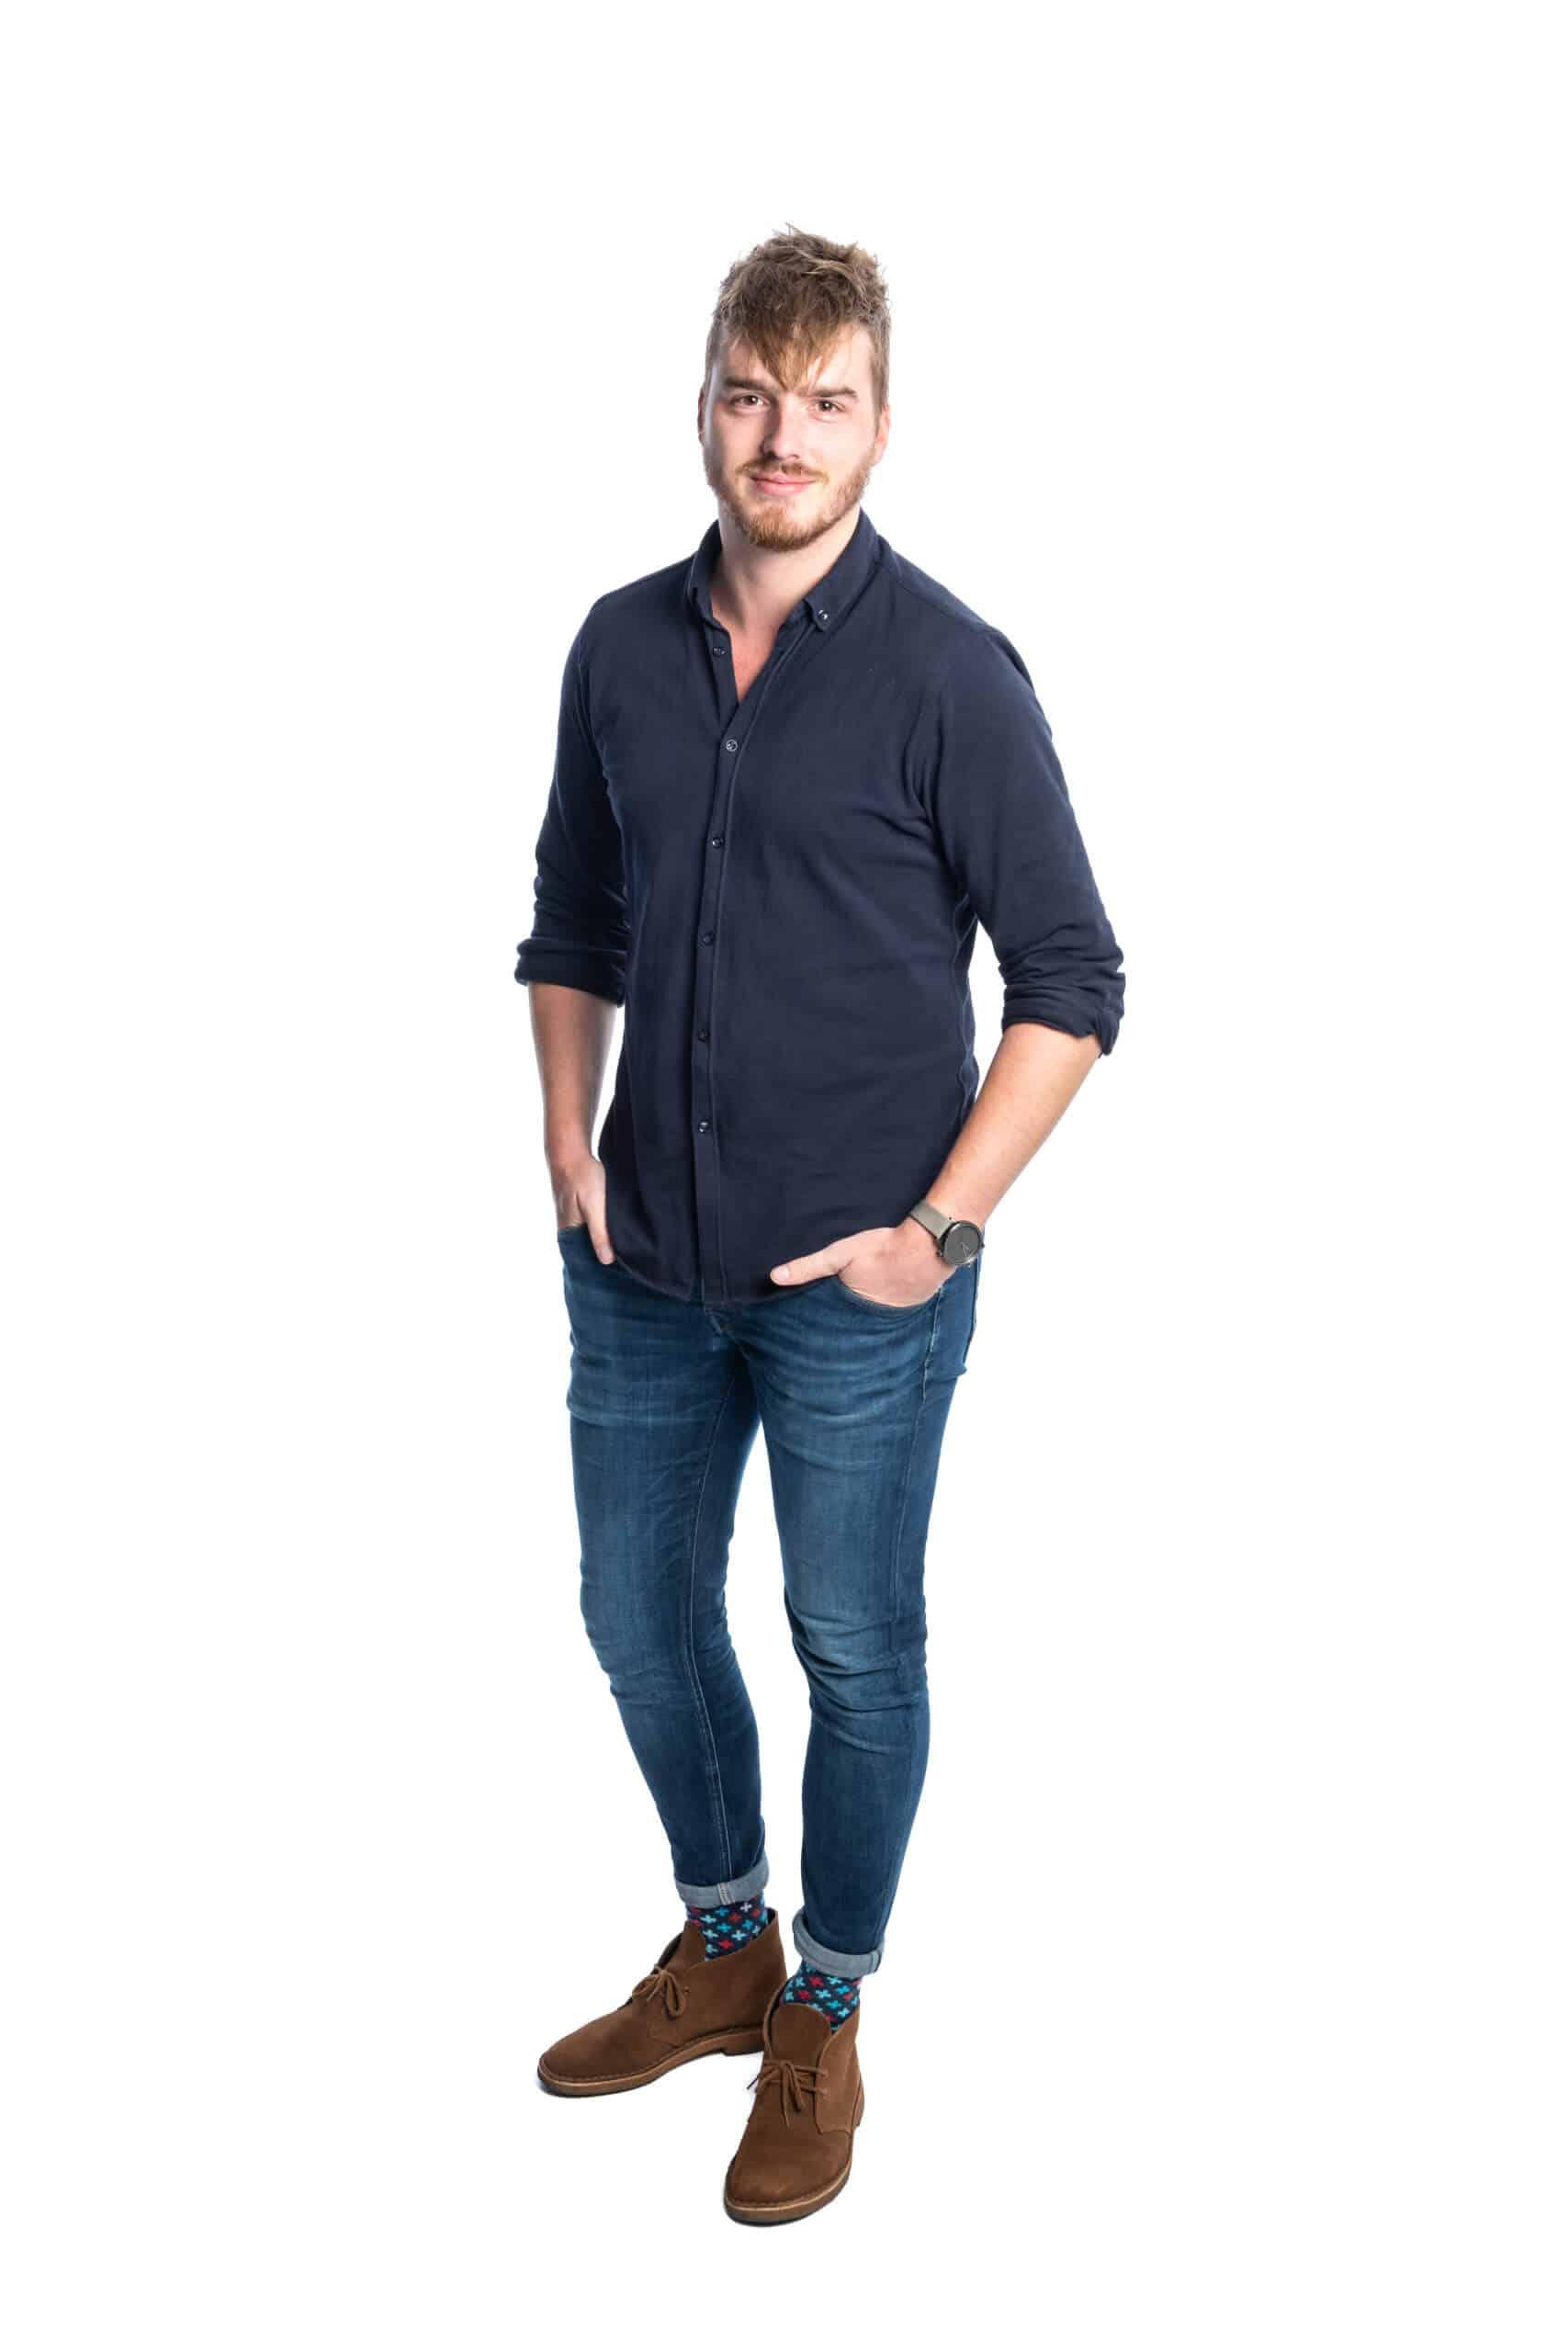 Matthijs Kaspers